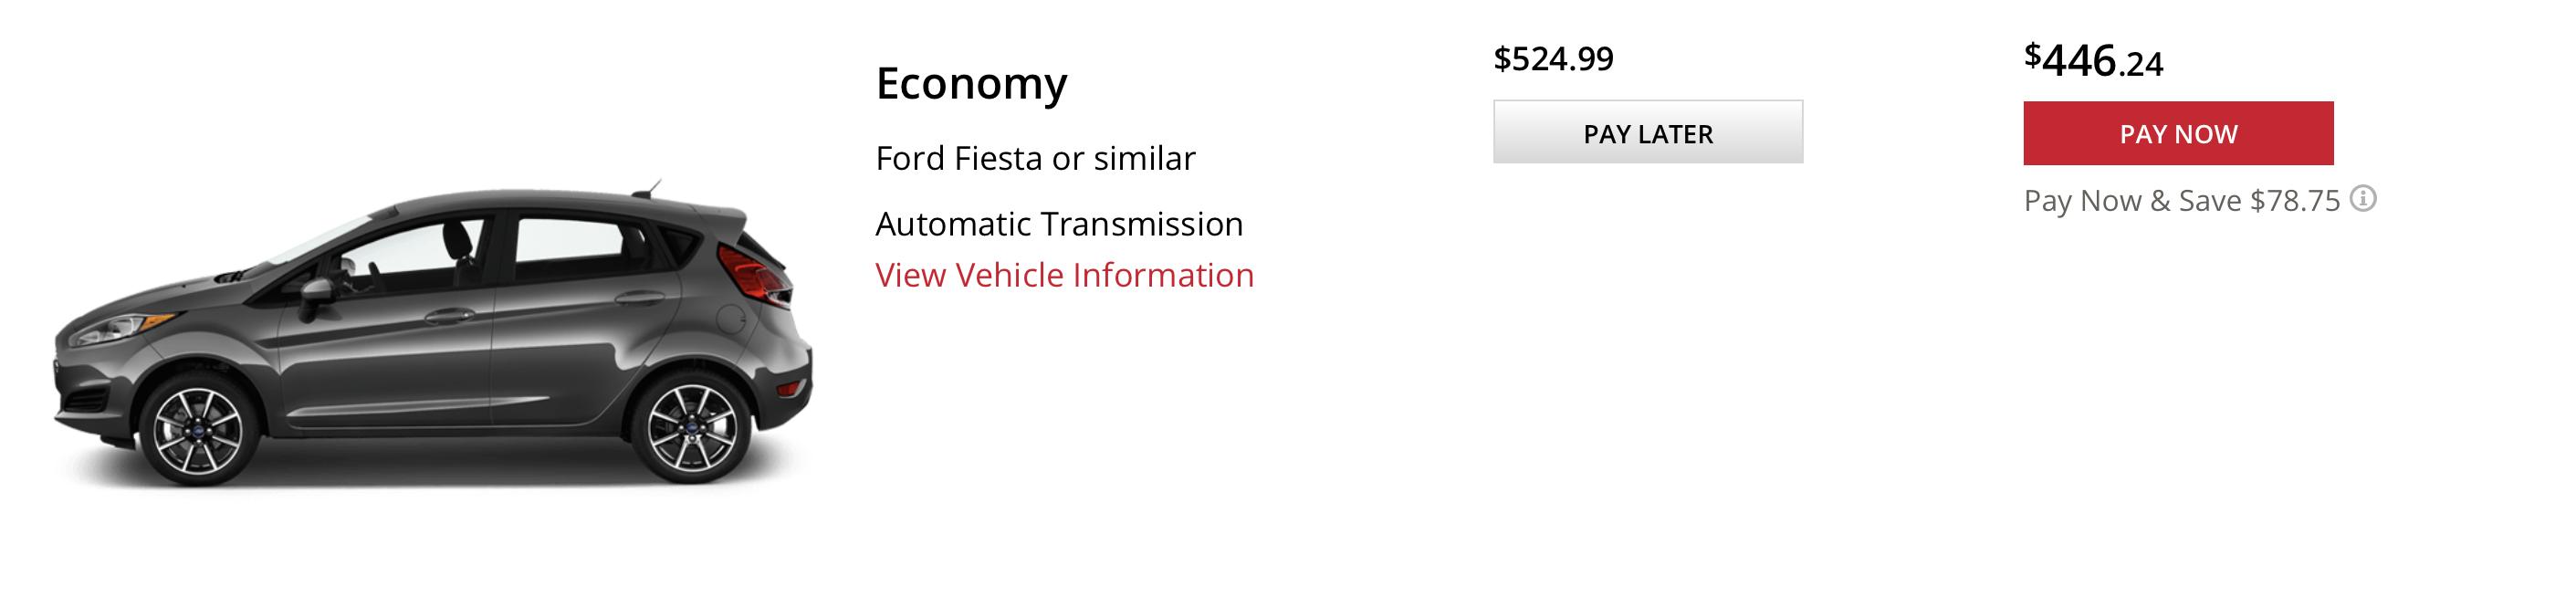 Avis economy car rental price at ORD